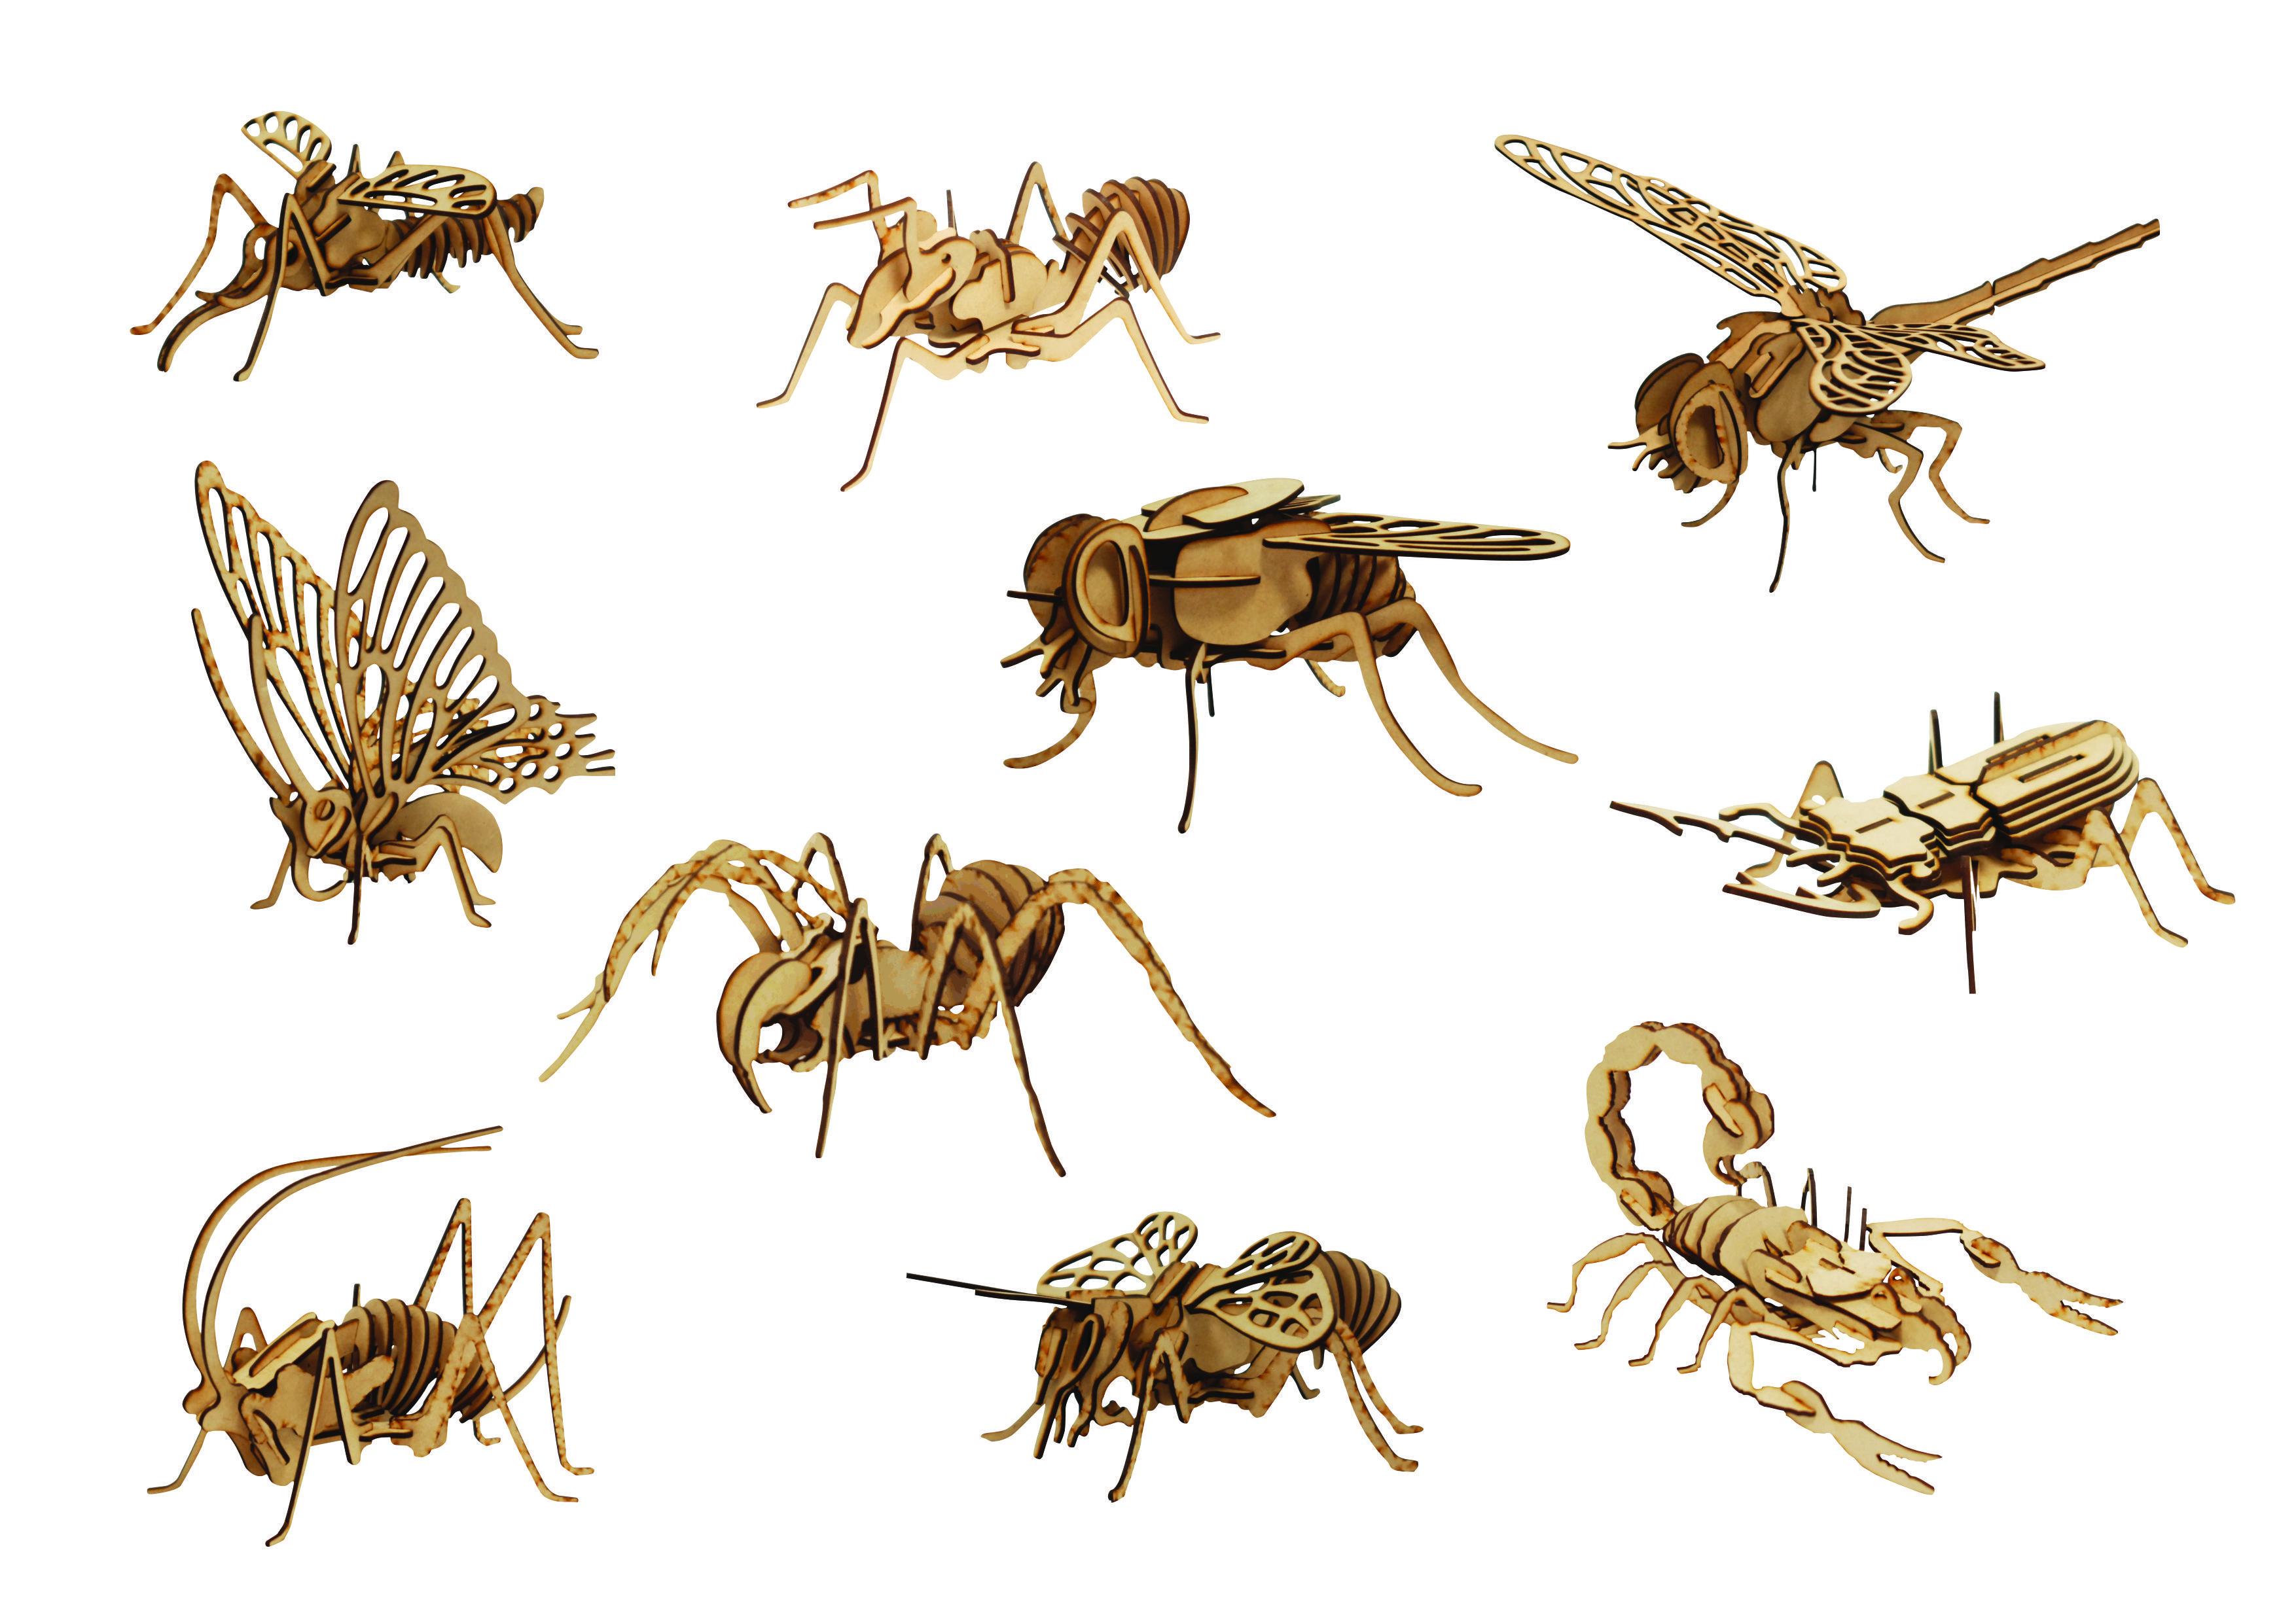 10 bugs bundle - 3d puzzle dxf files | bugs 3d puzzle | 3d